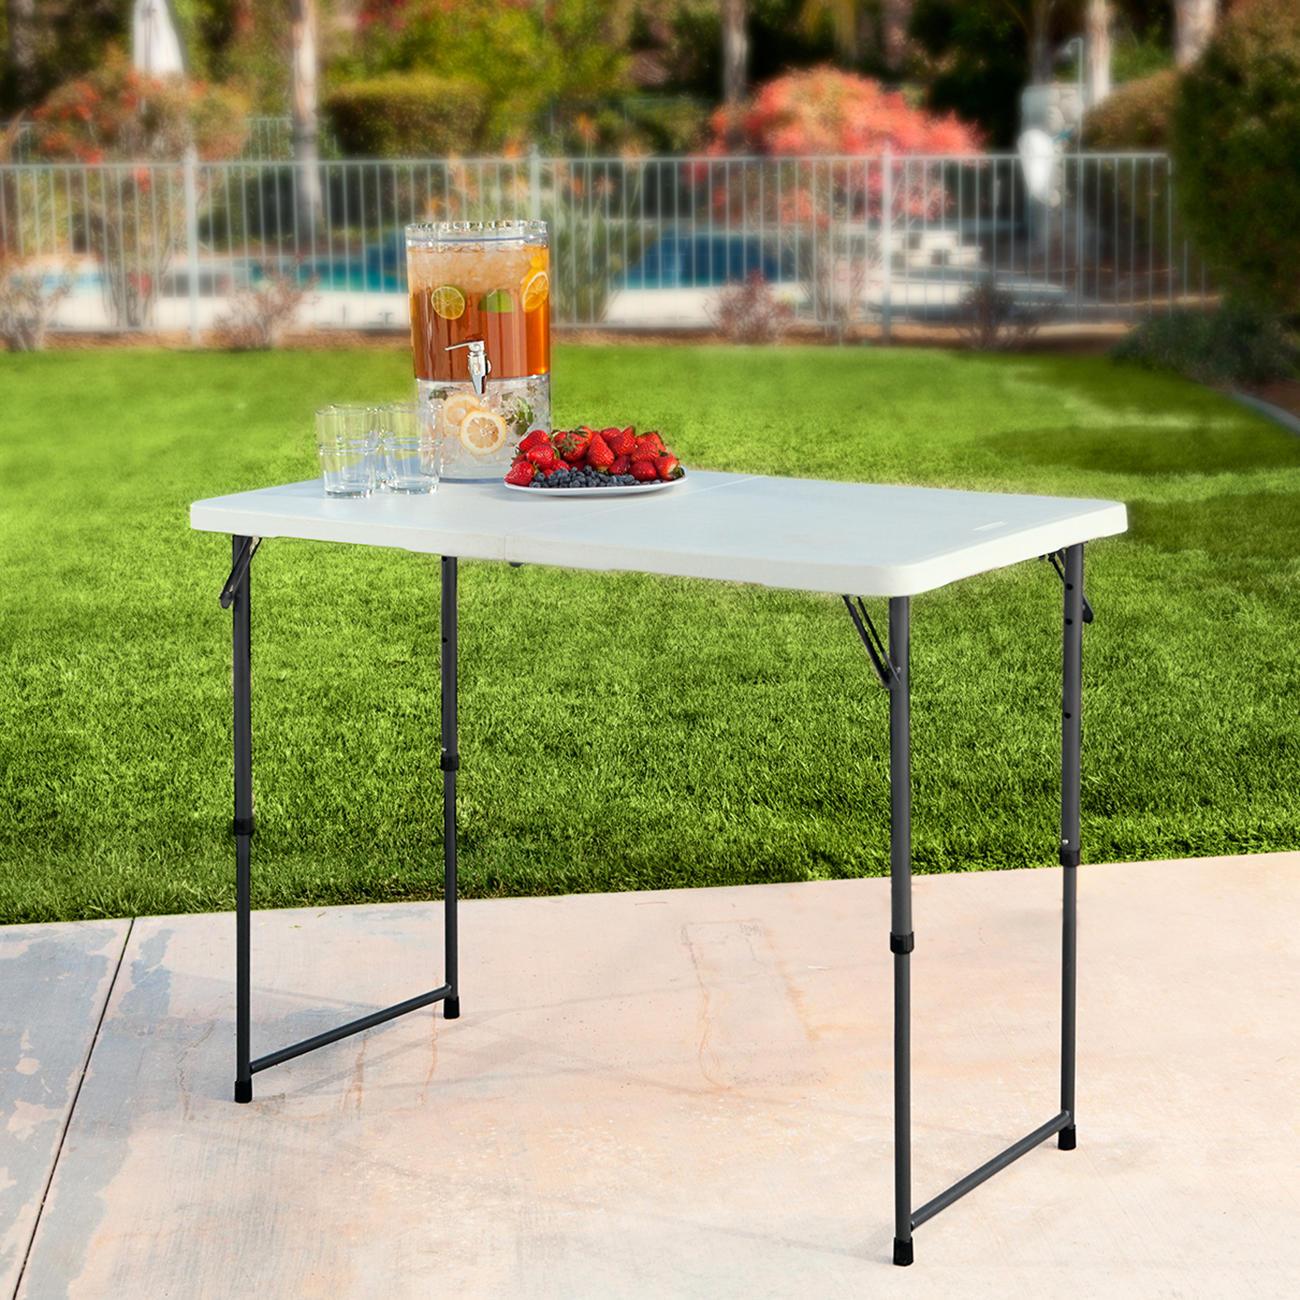 Acheter table pliante r glable en hauteur en ligne pas cher - Table jardin hauteur reglable toulouse ...